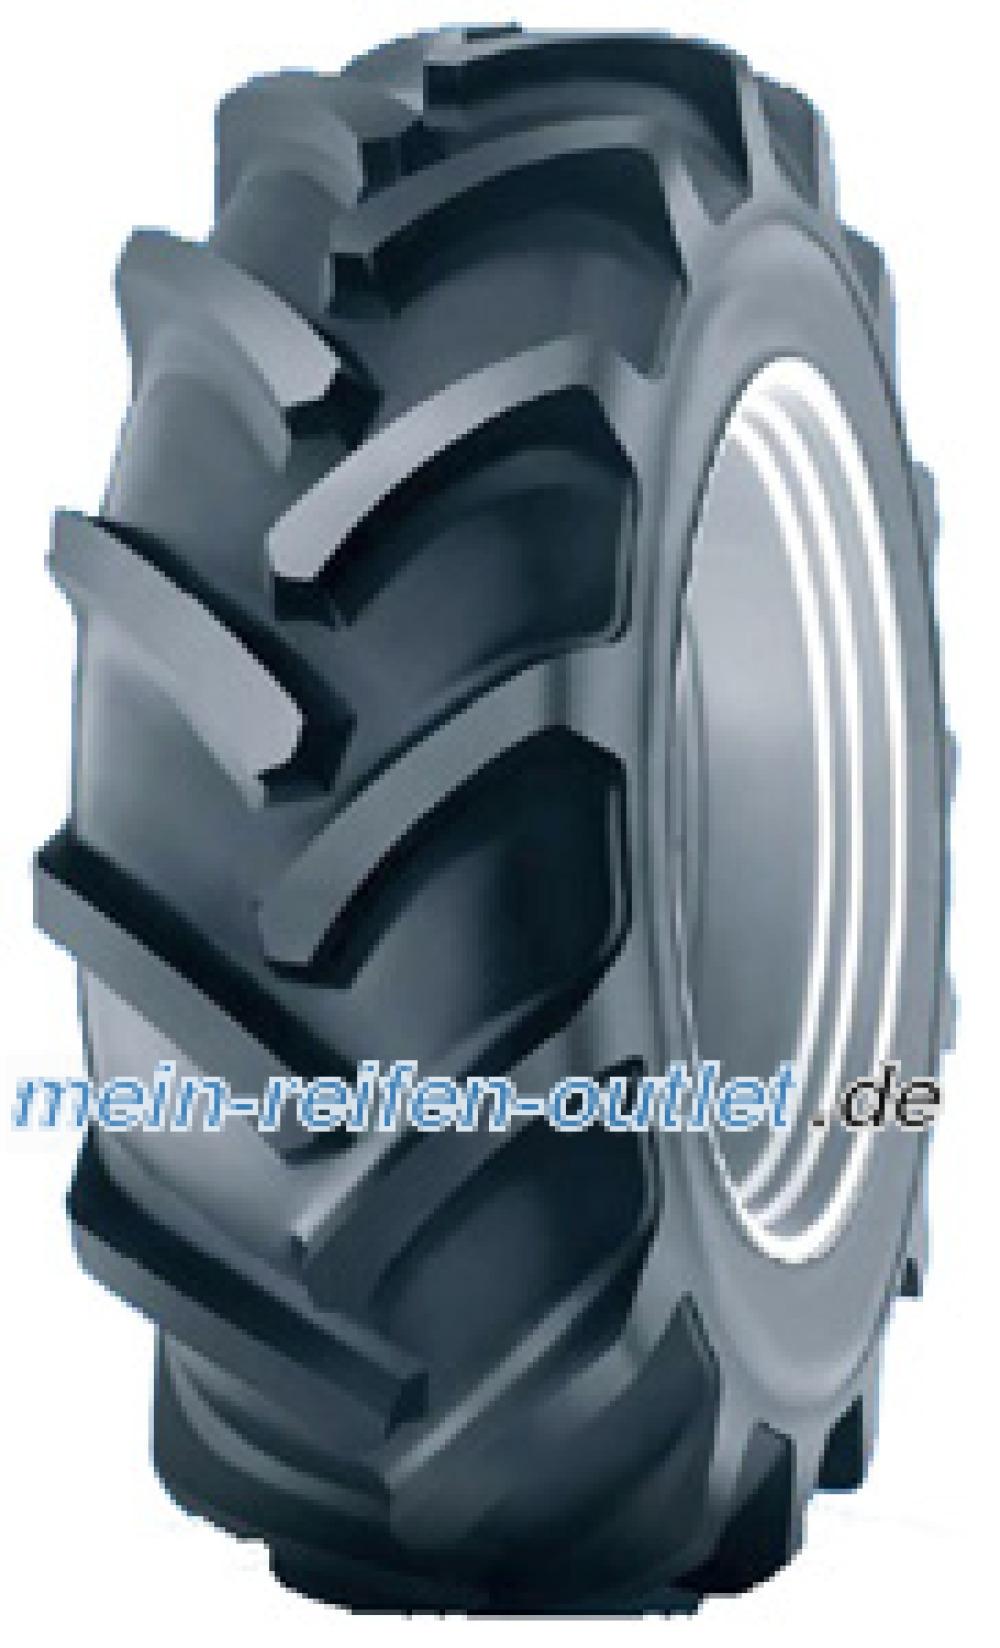 Cultor Radial 70 ( 380/70 R28 127A8 TL Doppelkennung 127B )